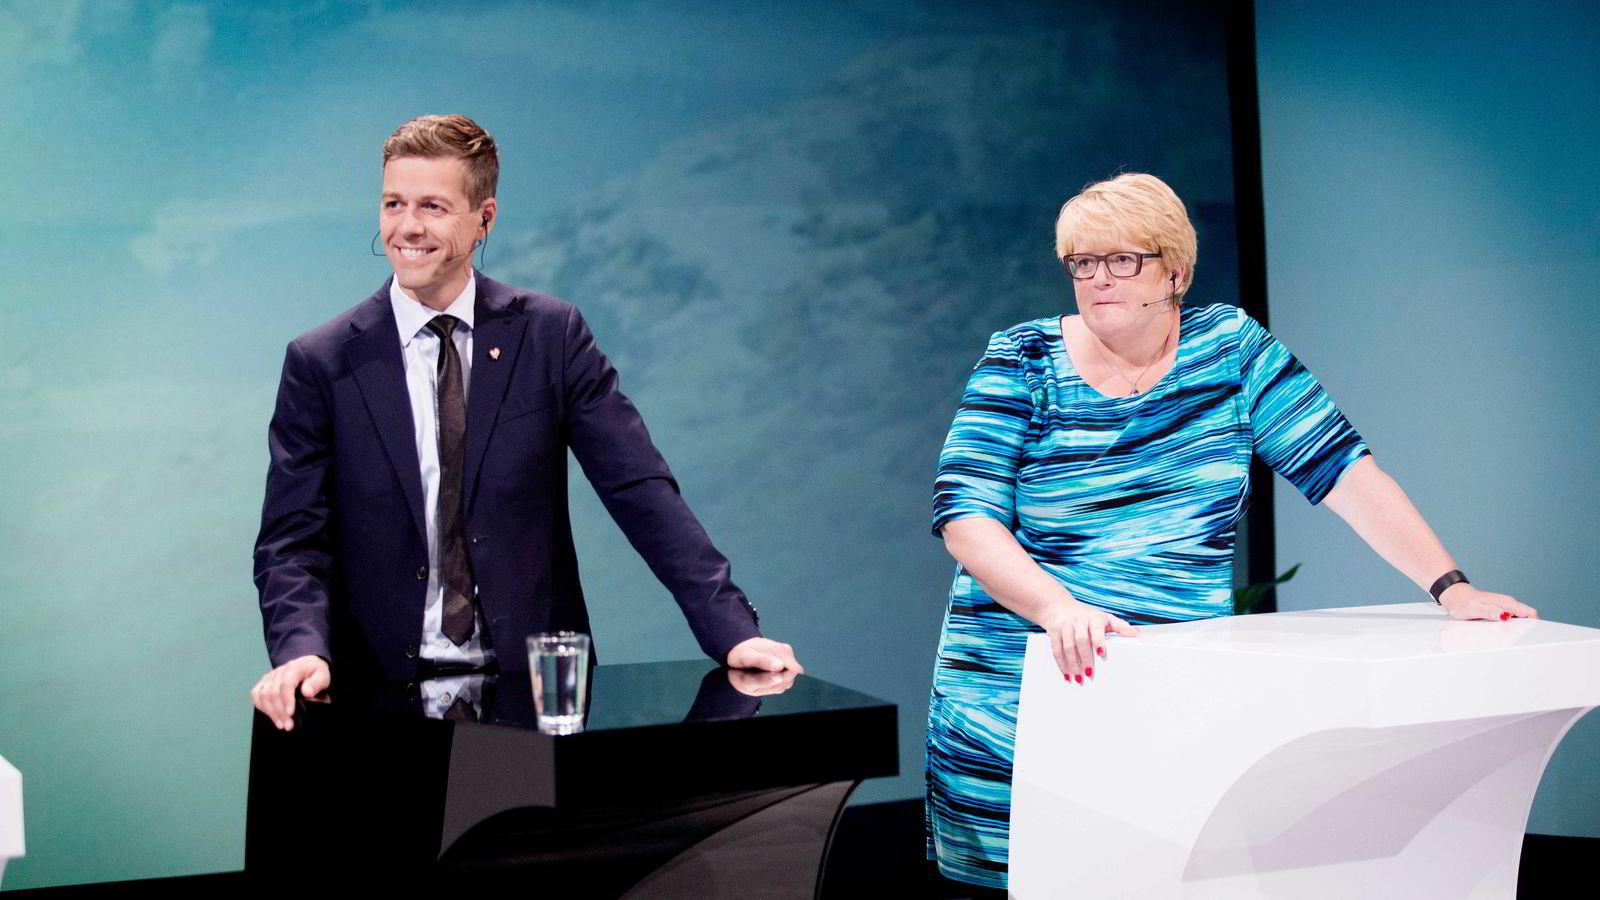 Under Arendalsuka gikk KrF-leder Knut Arild Hareide inn for at Norge skal ta imot flere kvoteflyktninger. Dermed er høstens politiske flyktningbasar åpnet. Her er Hareide sammen med Venstre-leder Trine Skei Grande. Foto: Terje Bendiksby/